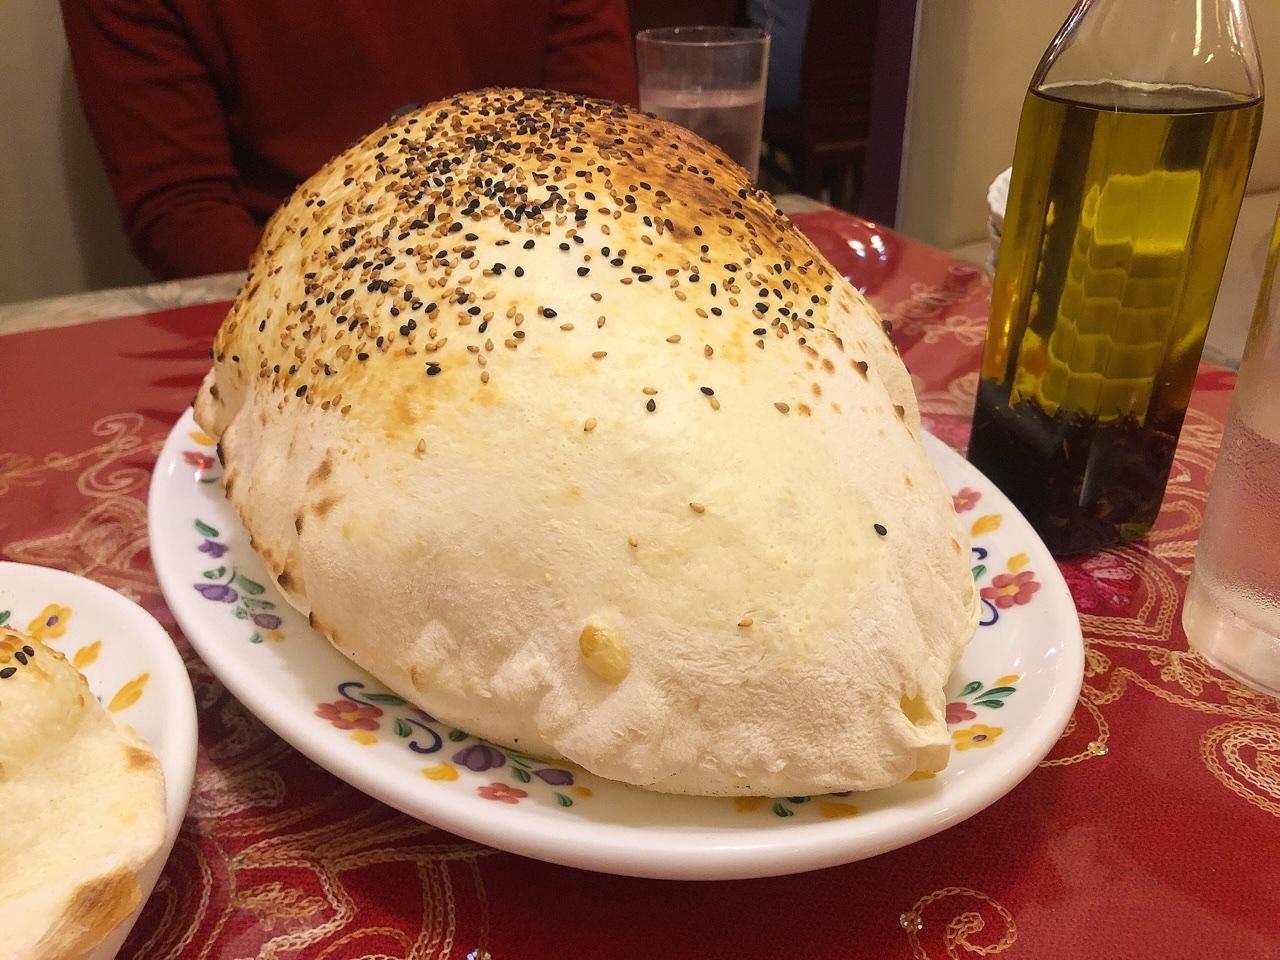 高岳|見た目もおもしろい!風船のようにプクプク膨らんだパンとケバブランチが美味しいトルコ料理専門店